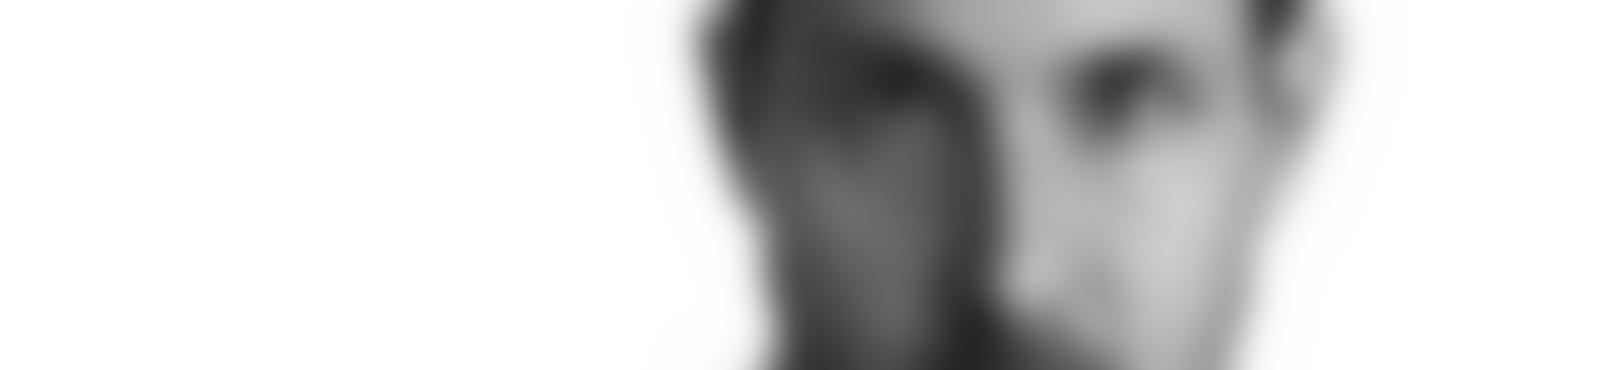 Blurred 07e4e7ff eb4d 4688 aa55 377350ab8394